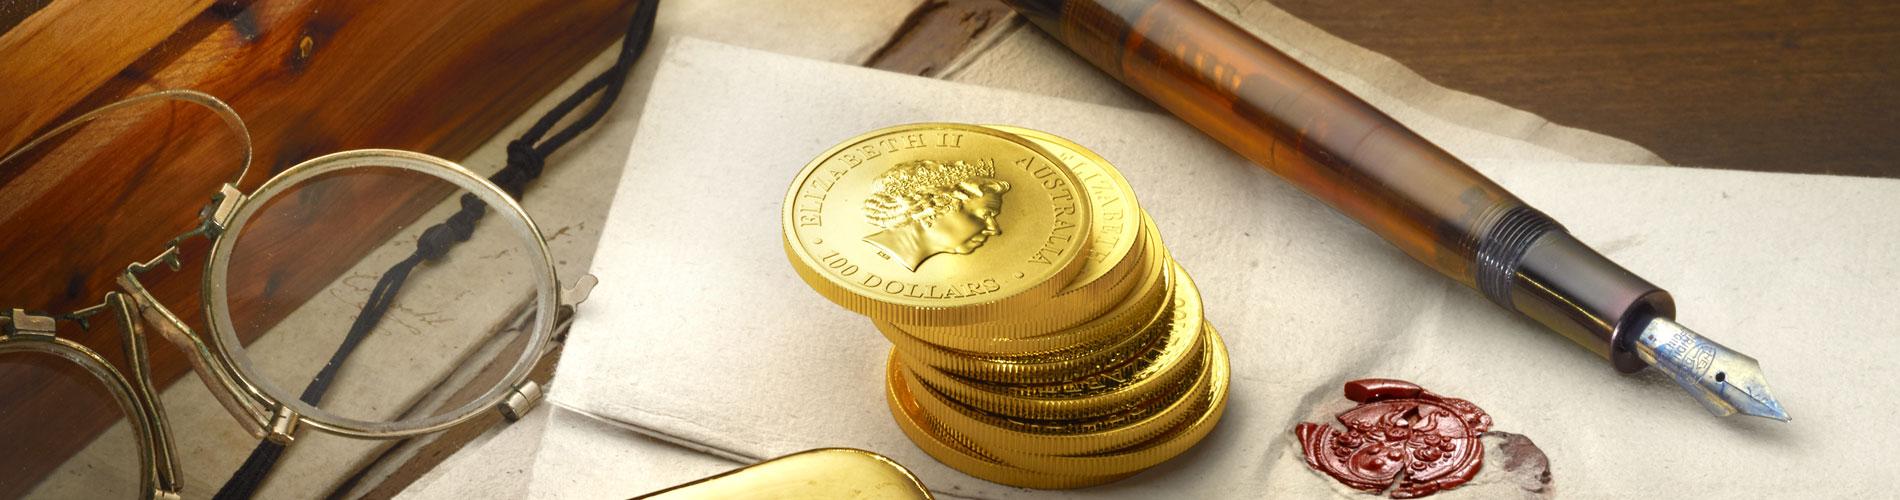 Degussa Goldhandel Kontakt